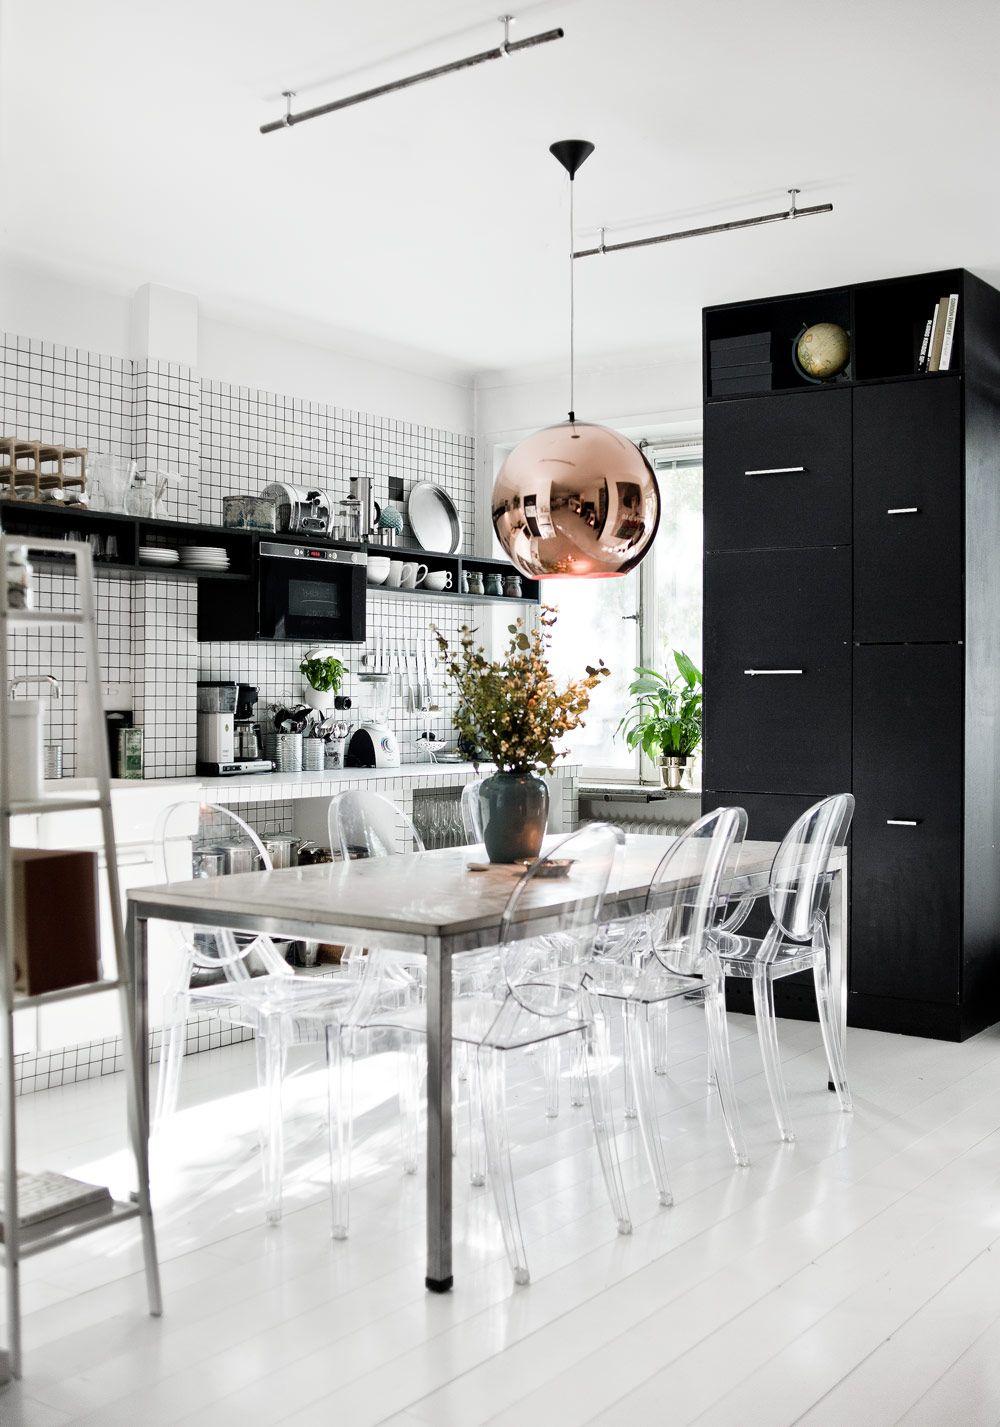 Restaurangkökskänsla i minitvåan   El diseño, Sillas y Mejores